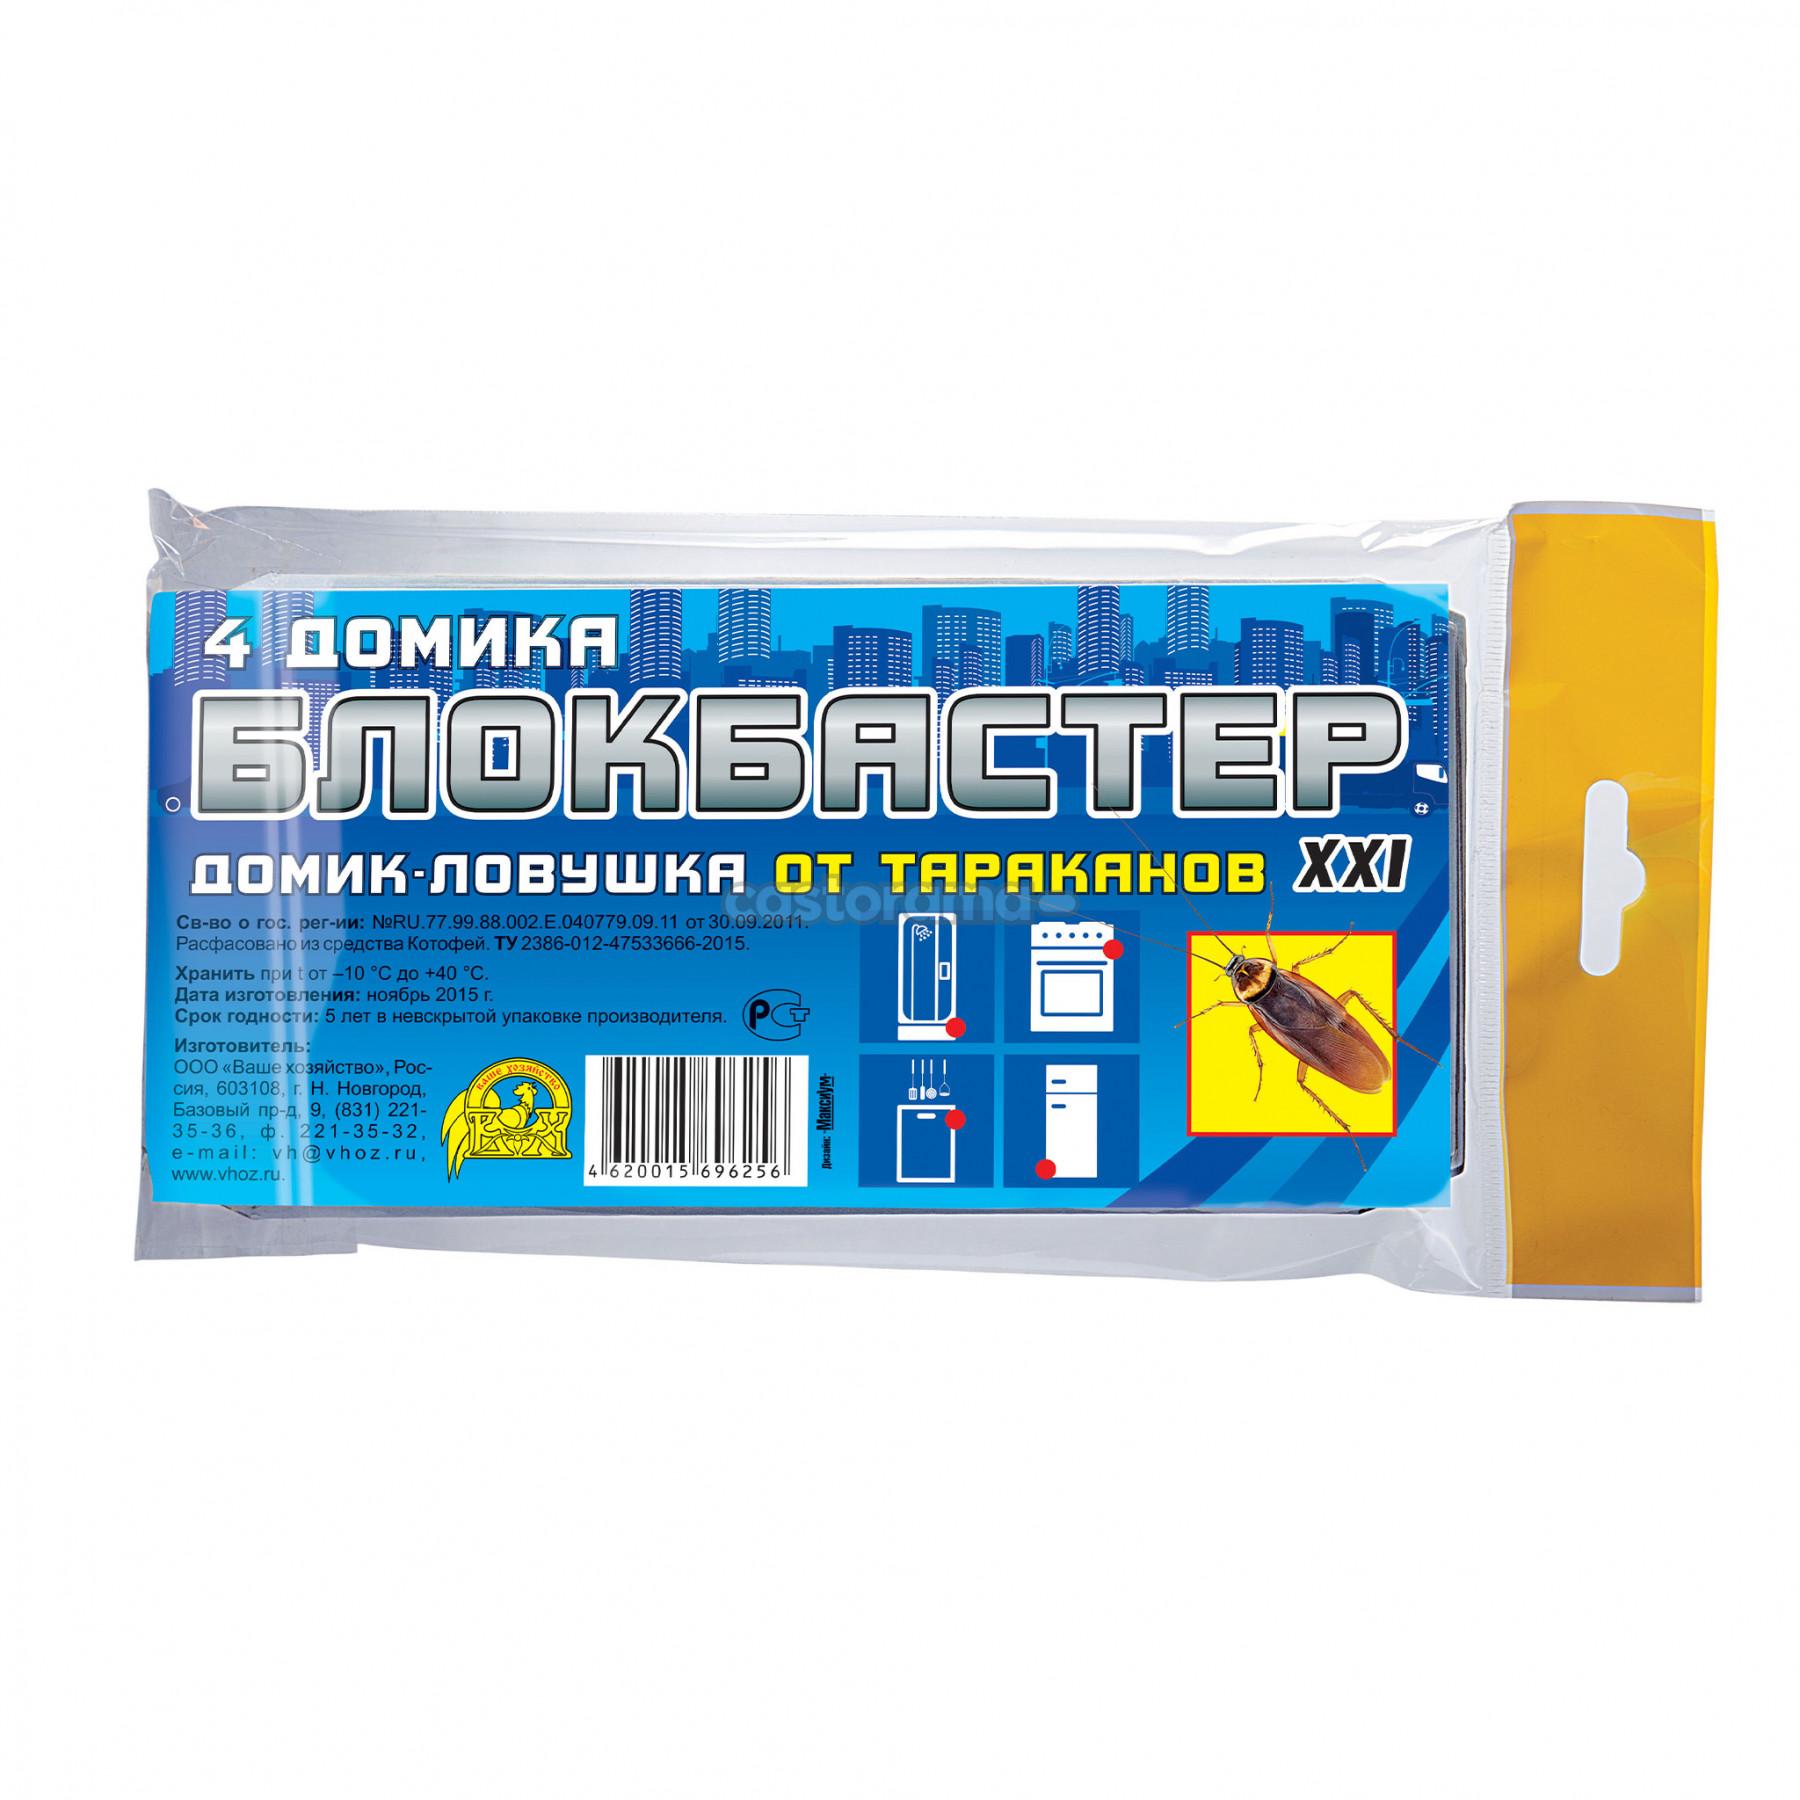 Блокбастер домик-ловушка от тараканов (4домика)